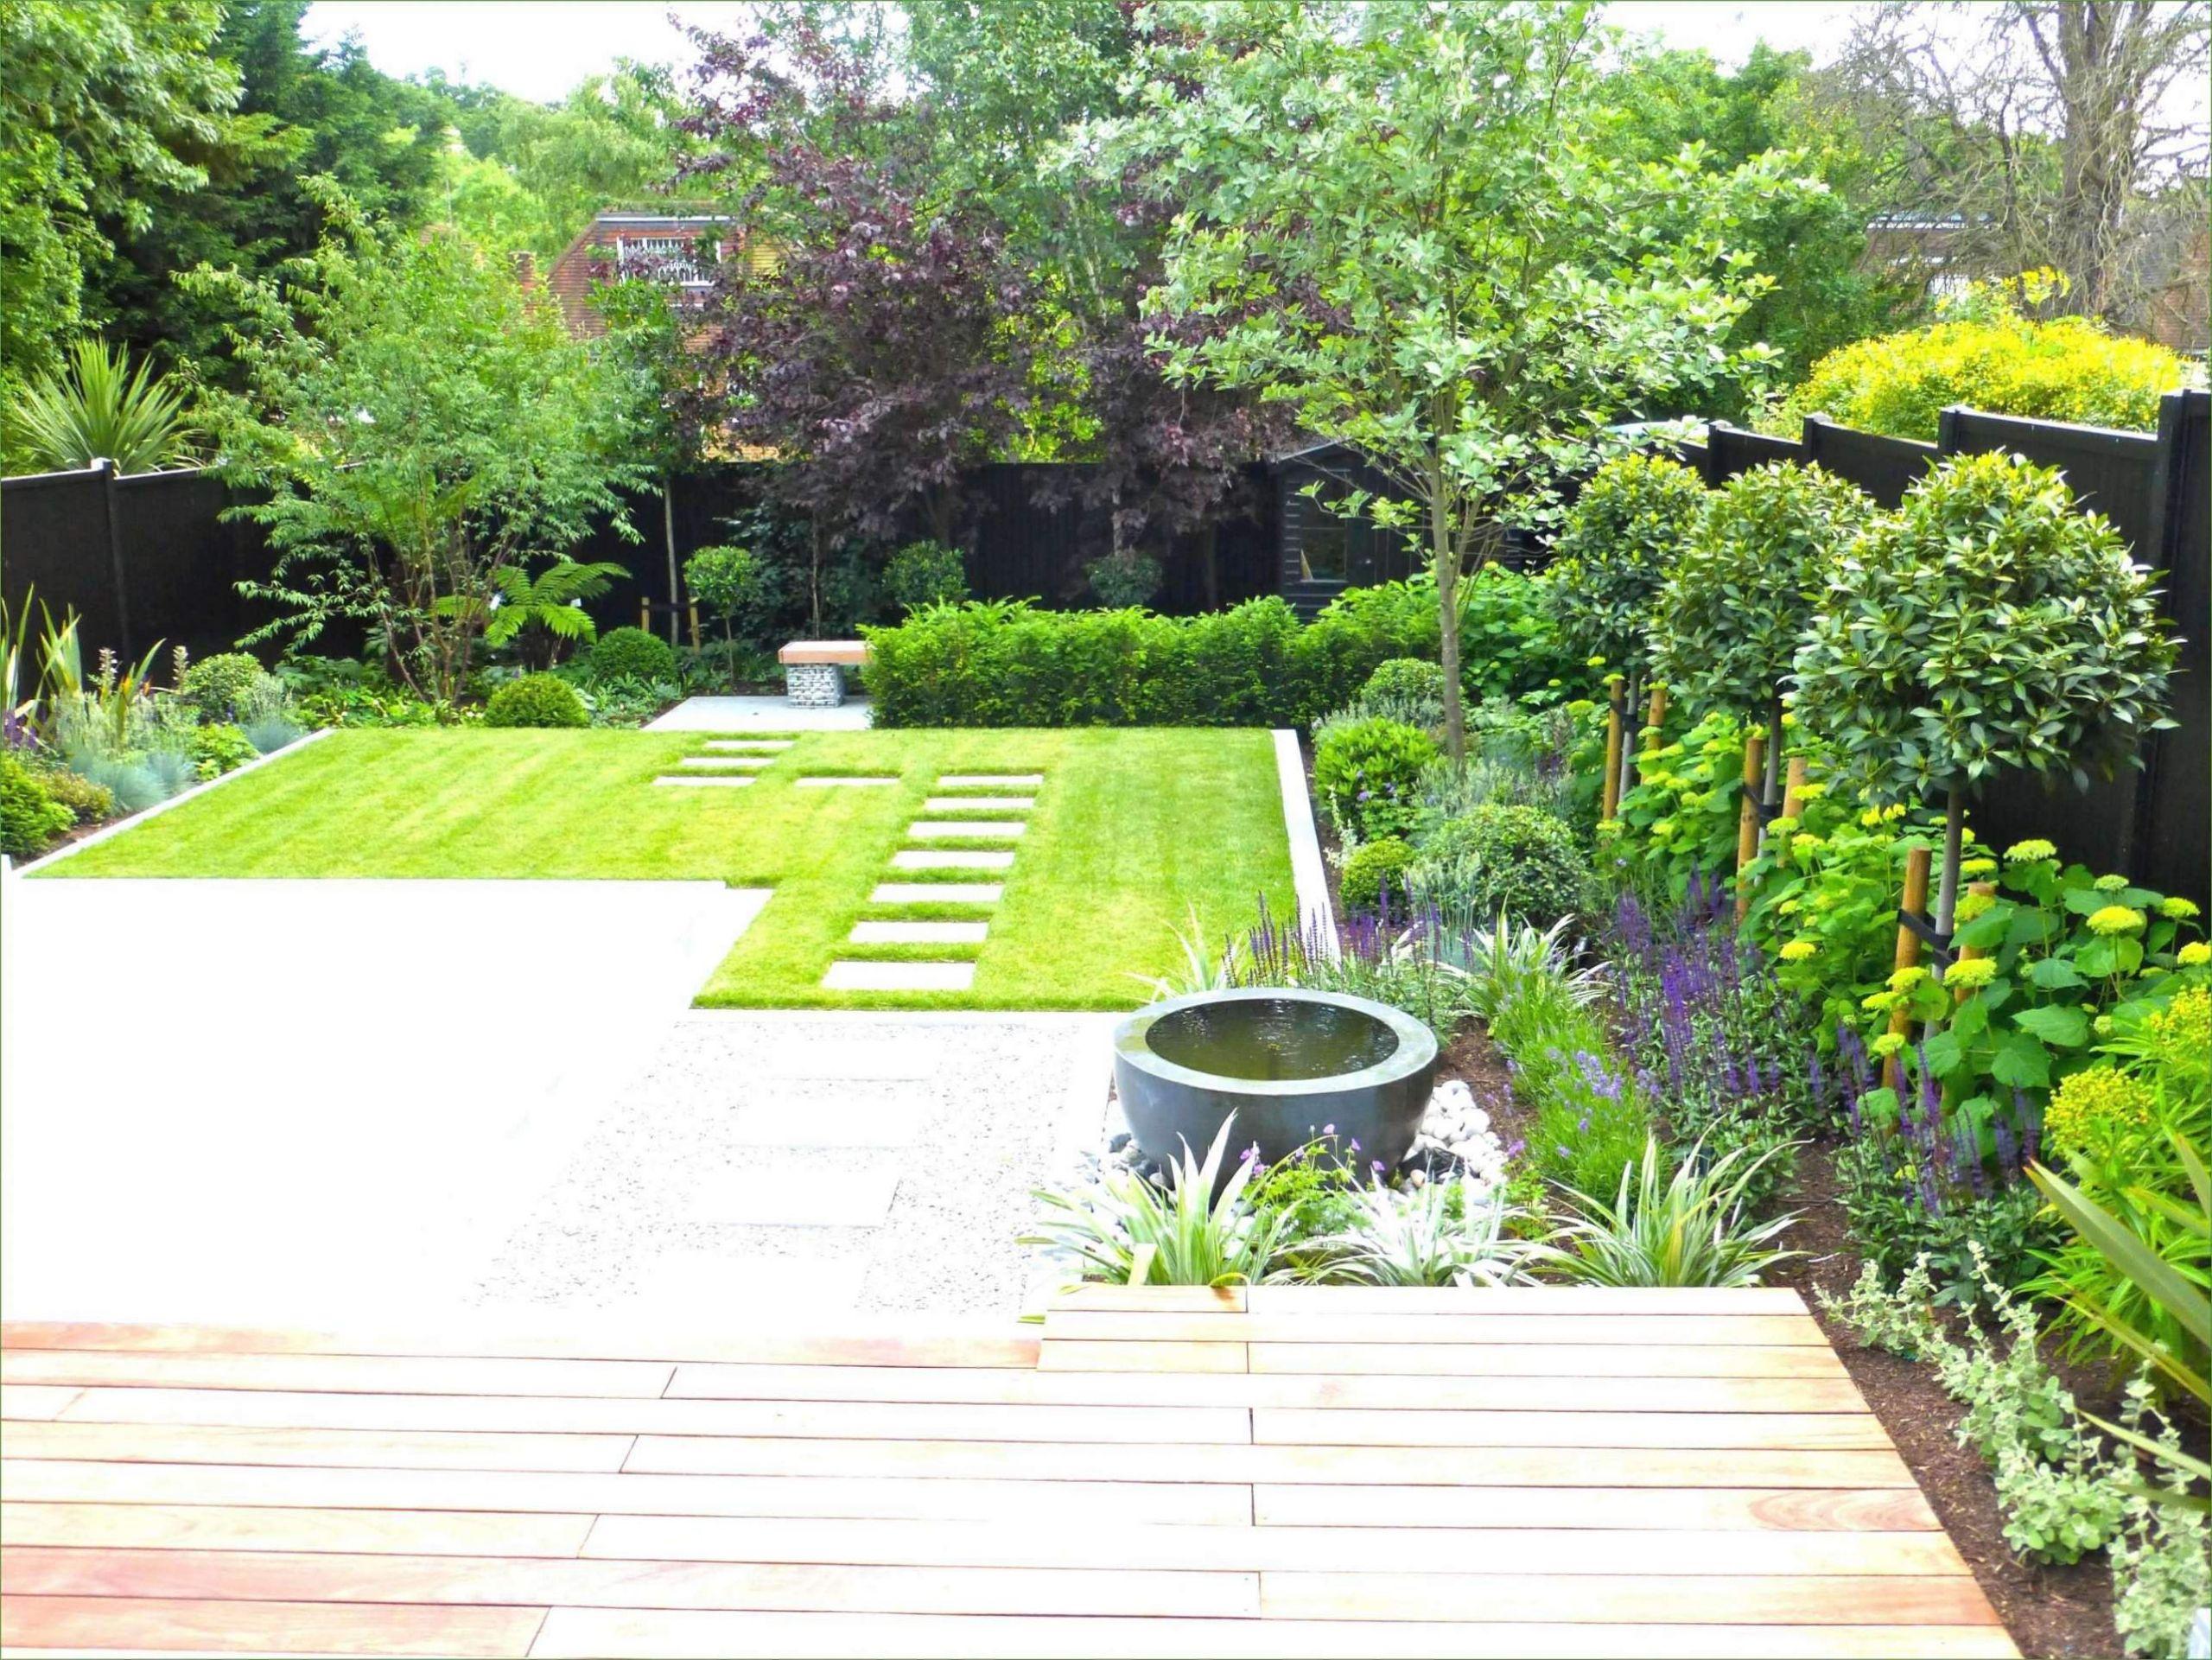 Deko Ideen Mit Steinen Im Garten Neu Gartengestaltung Ideen Mit Steinen — Temobardz Home Blog